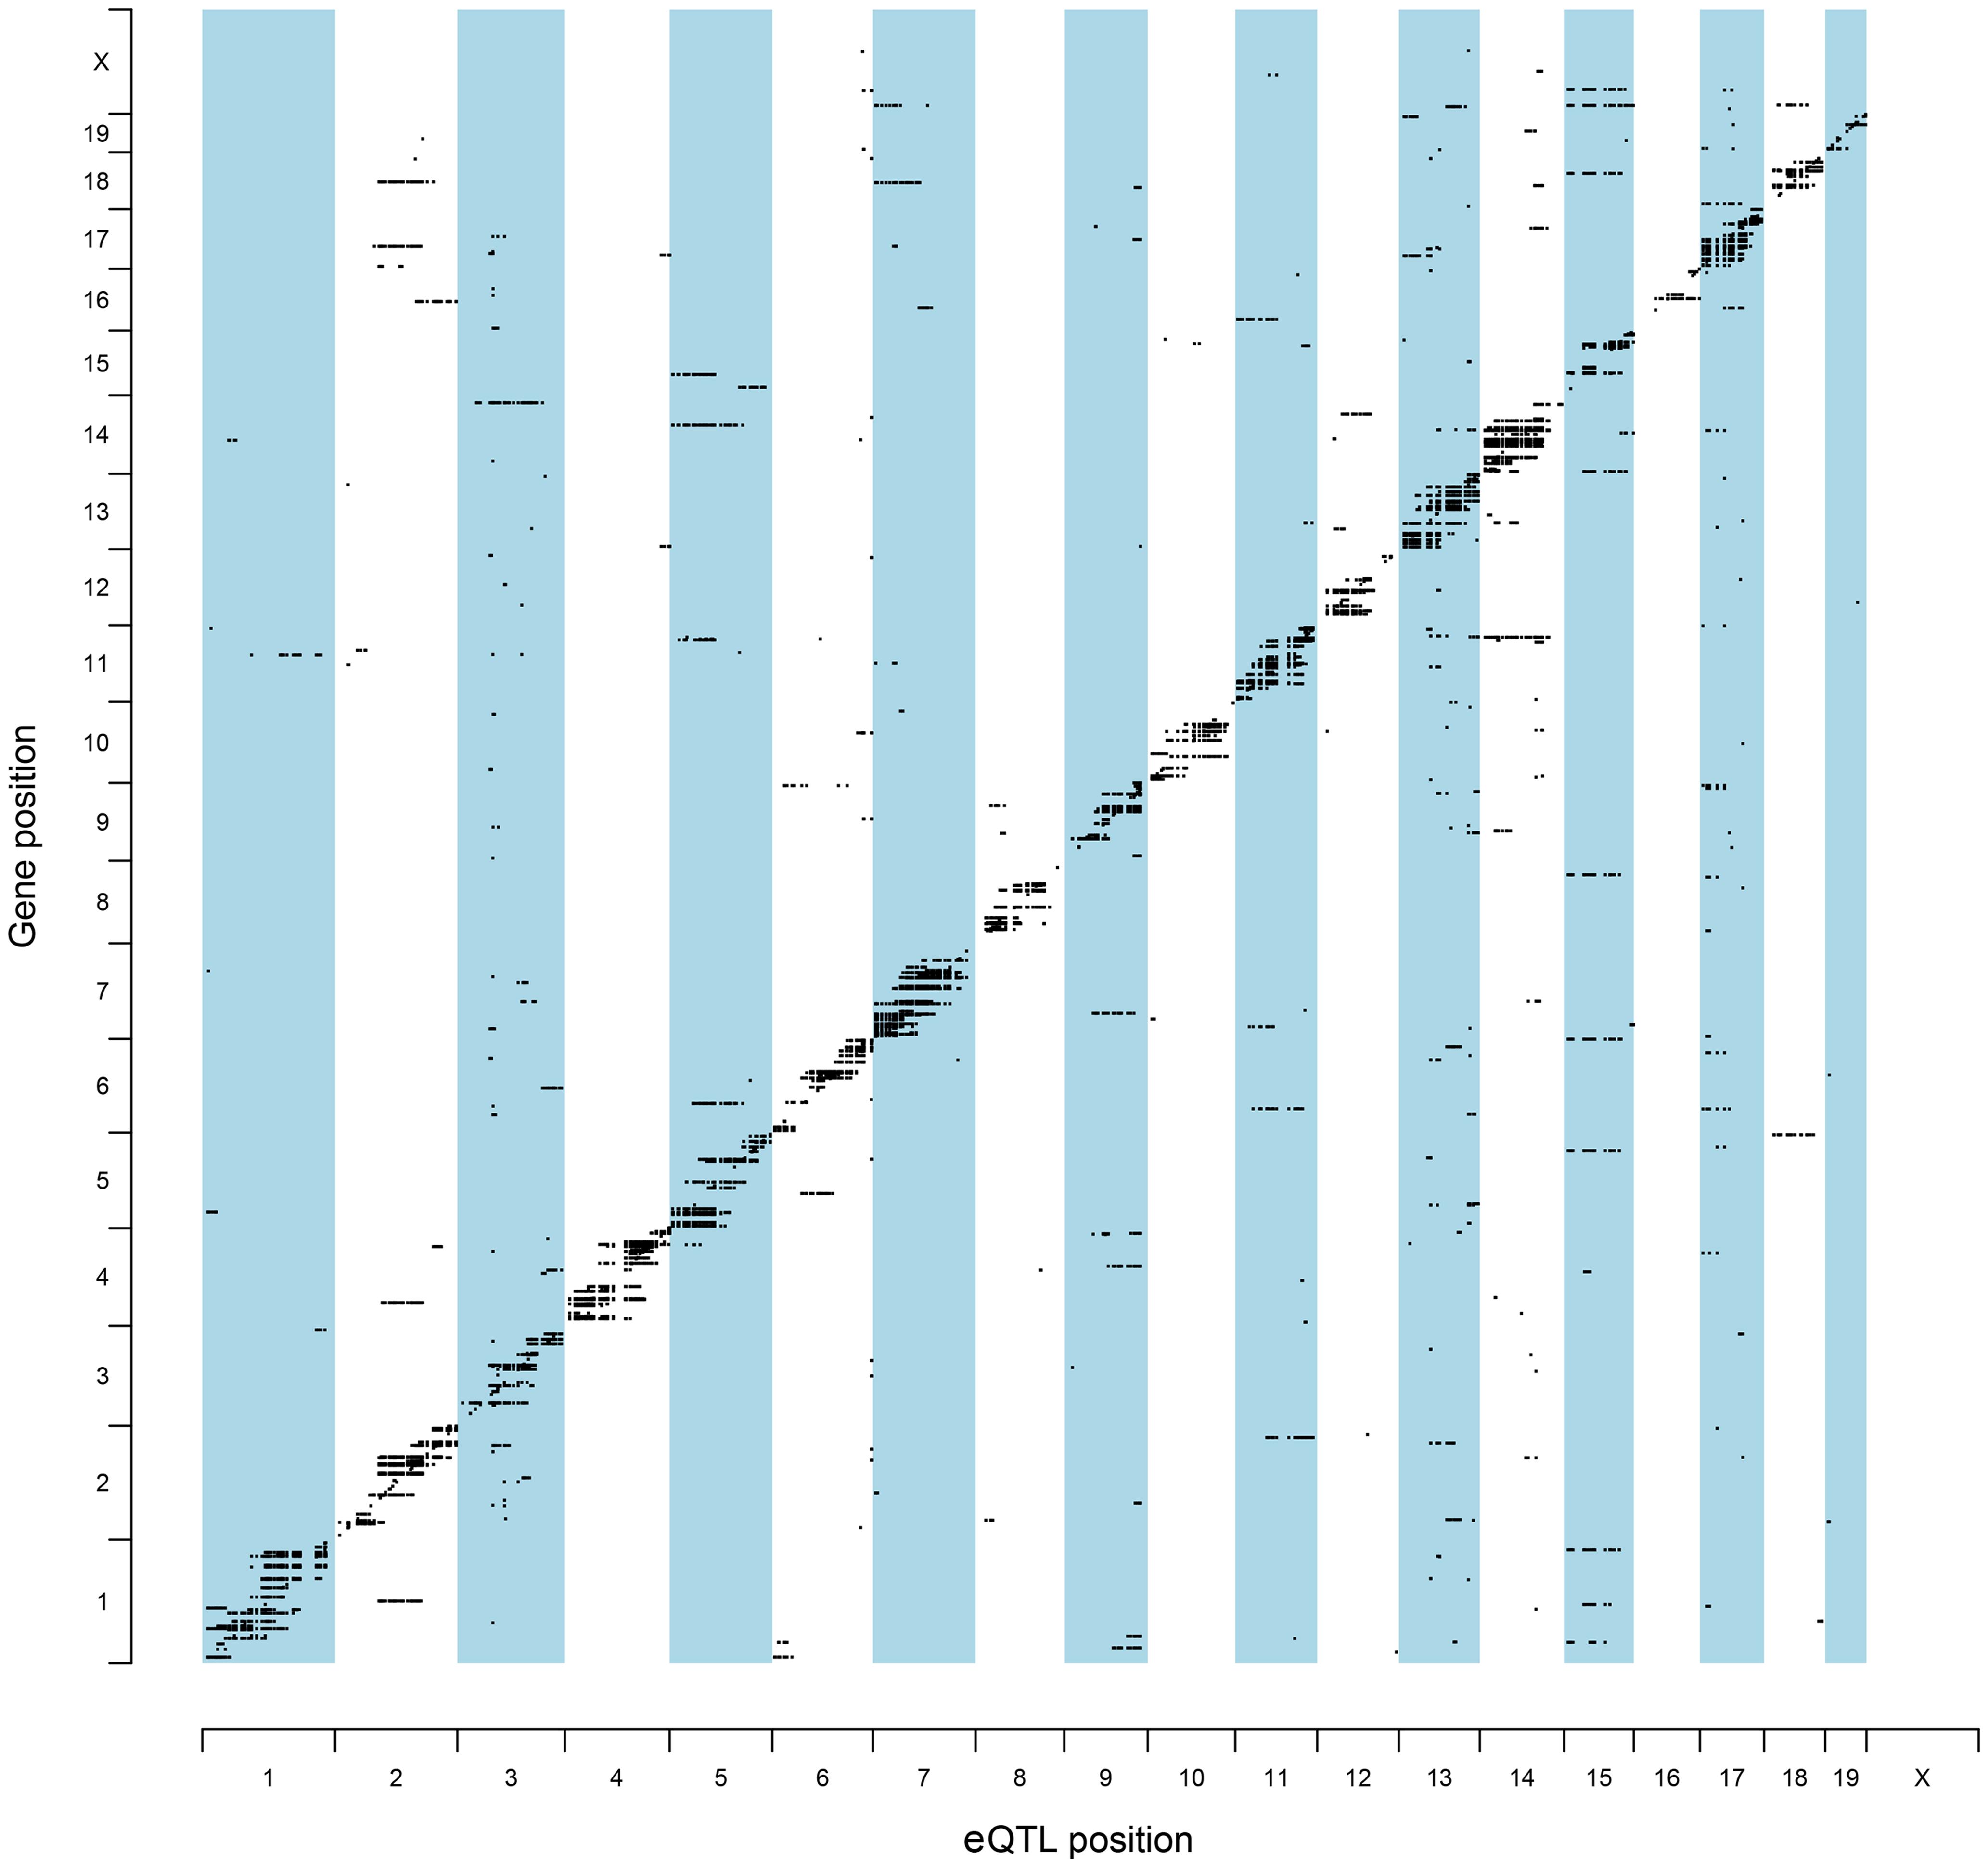 Genomic locations of eQTLs relative to their cognate transcript.